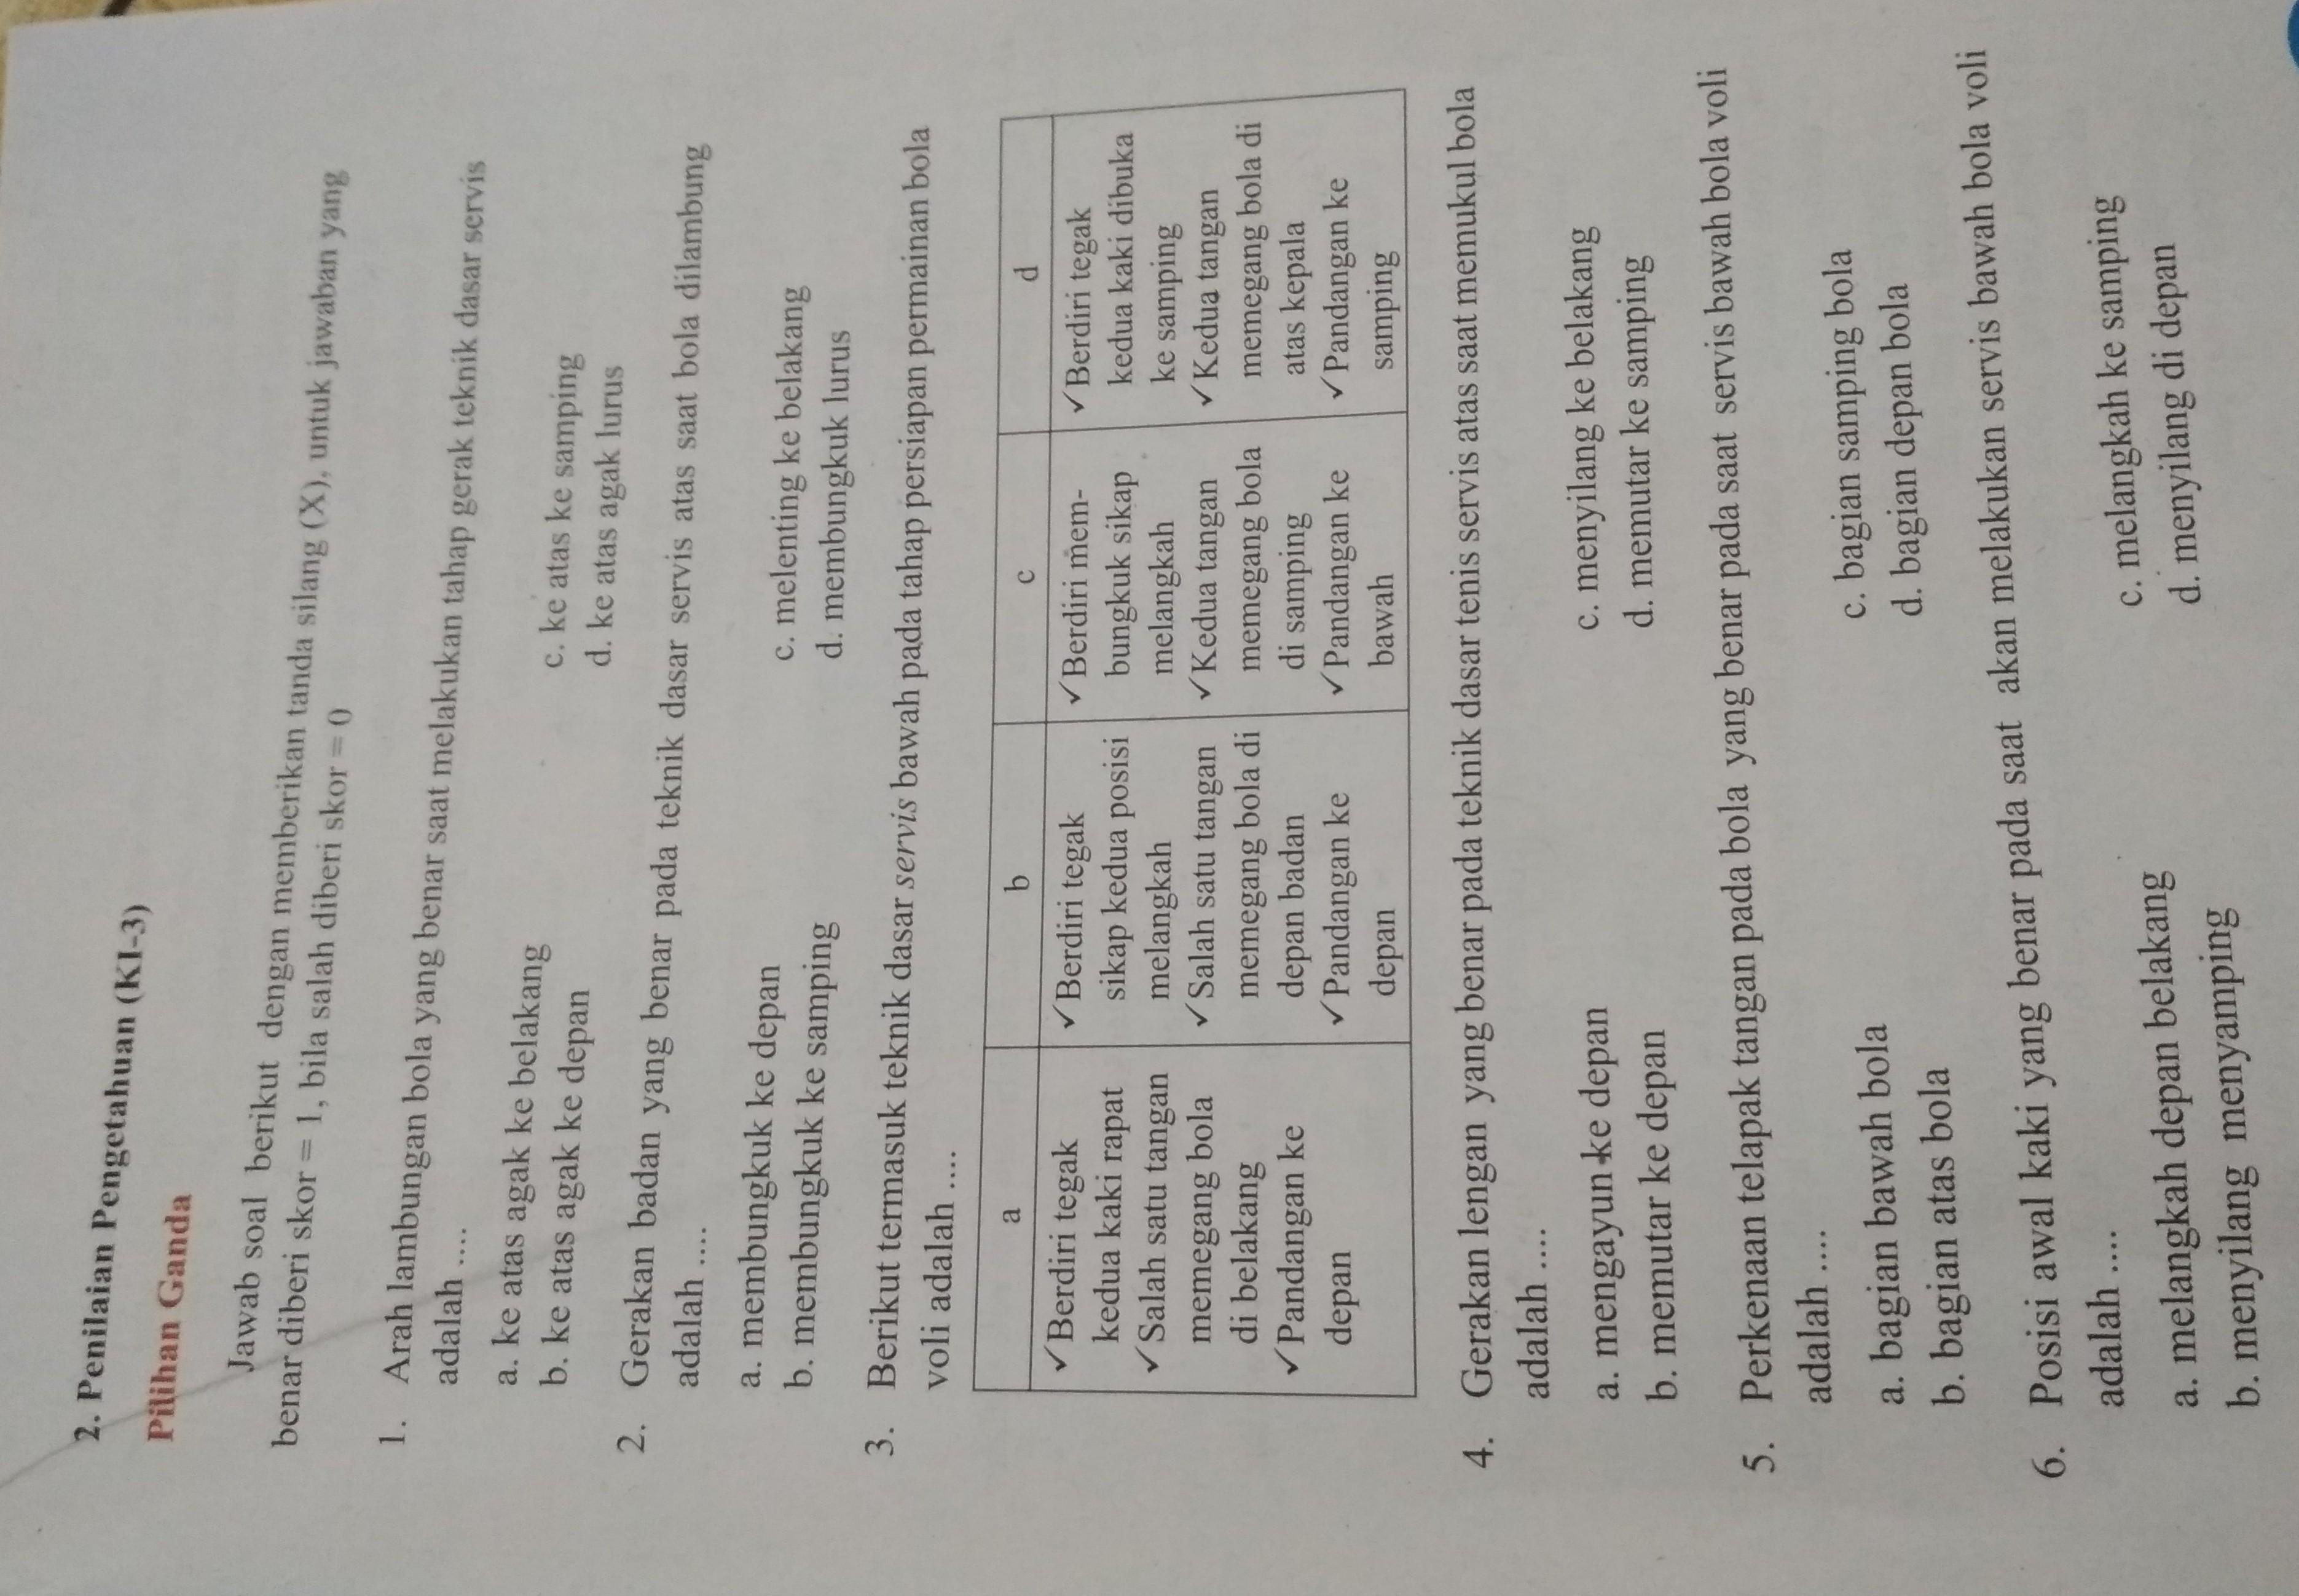 Kunci Jawaban Buku Paket Penjaskes Kelas 8 Kurikulum 2013 Hal 258 Ilmusosial Id